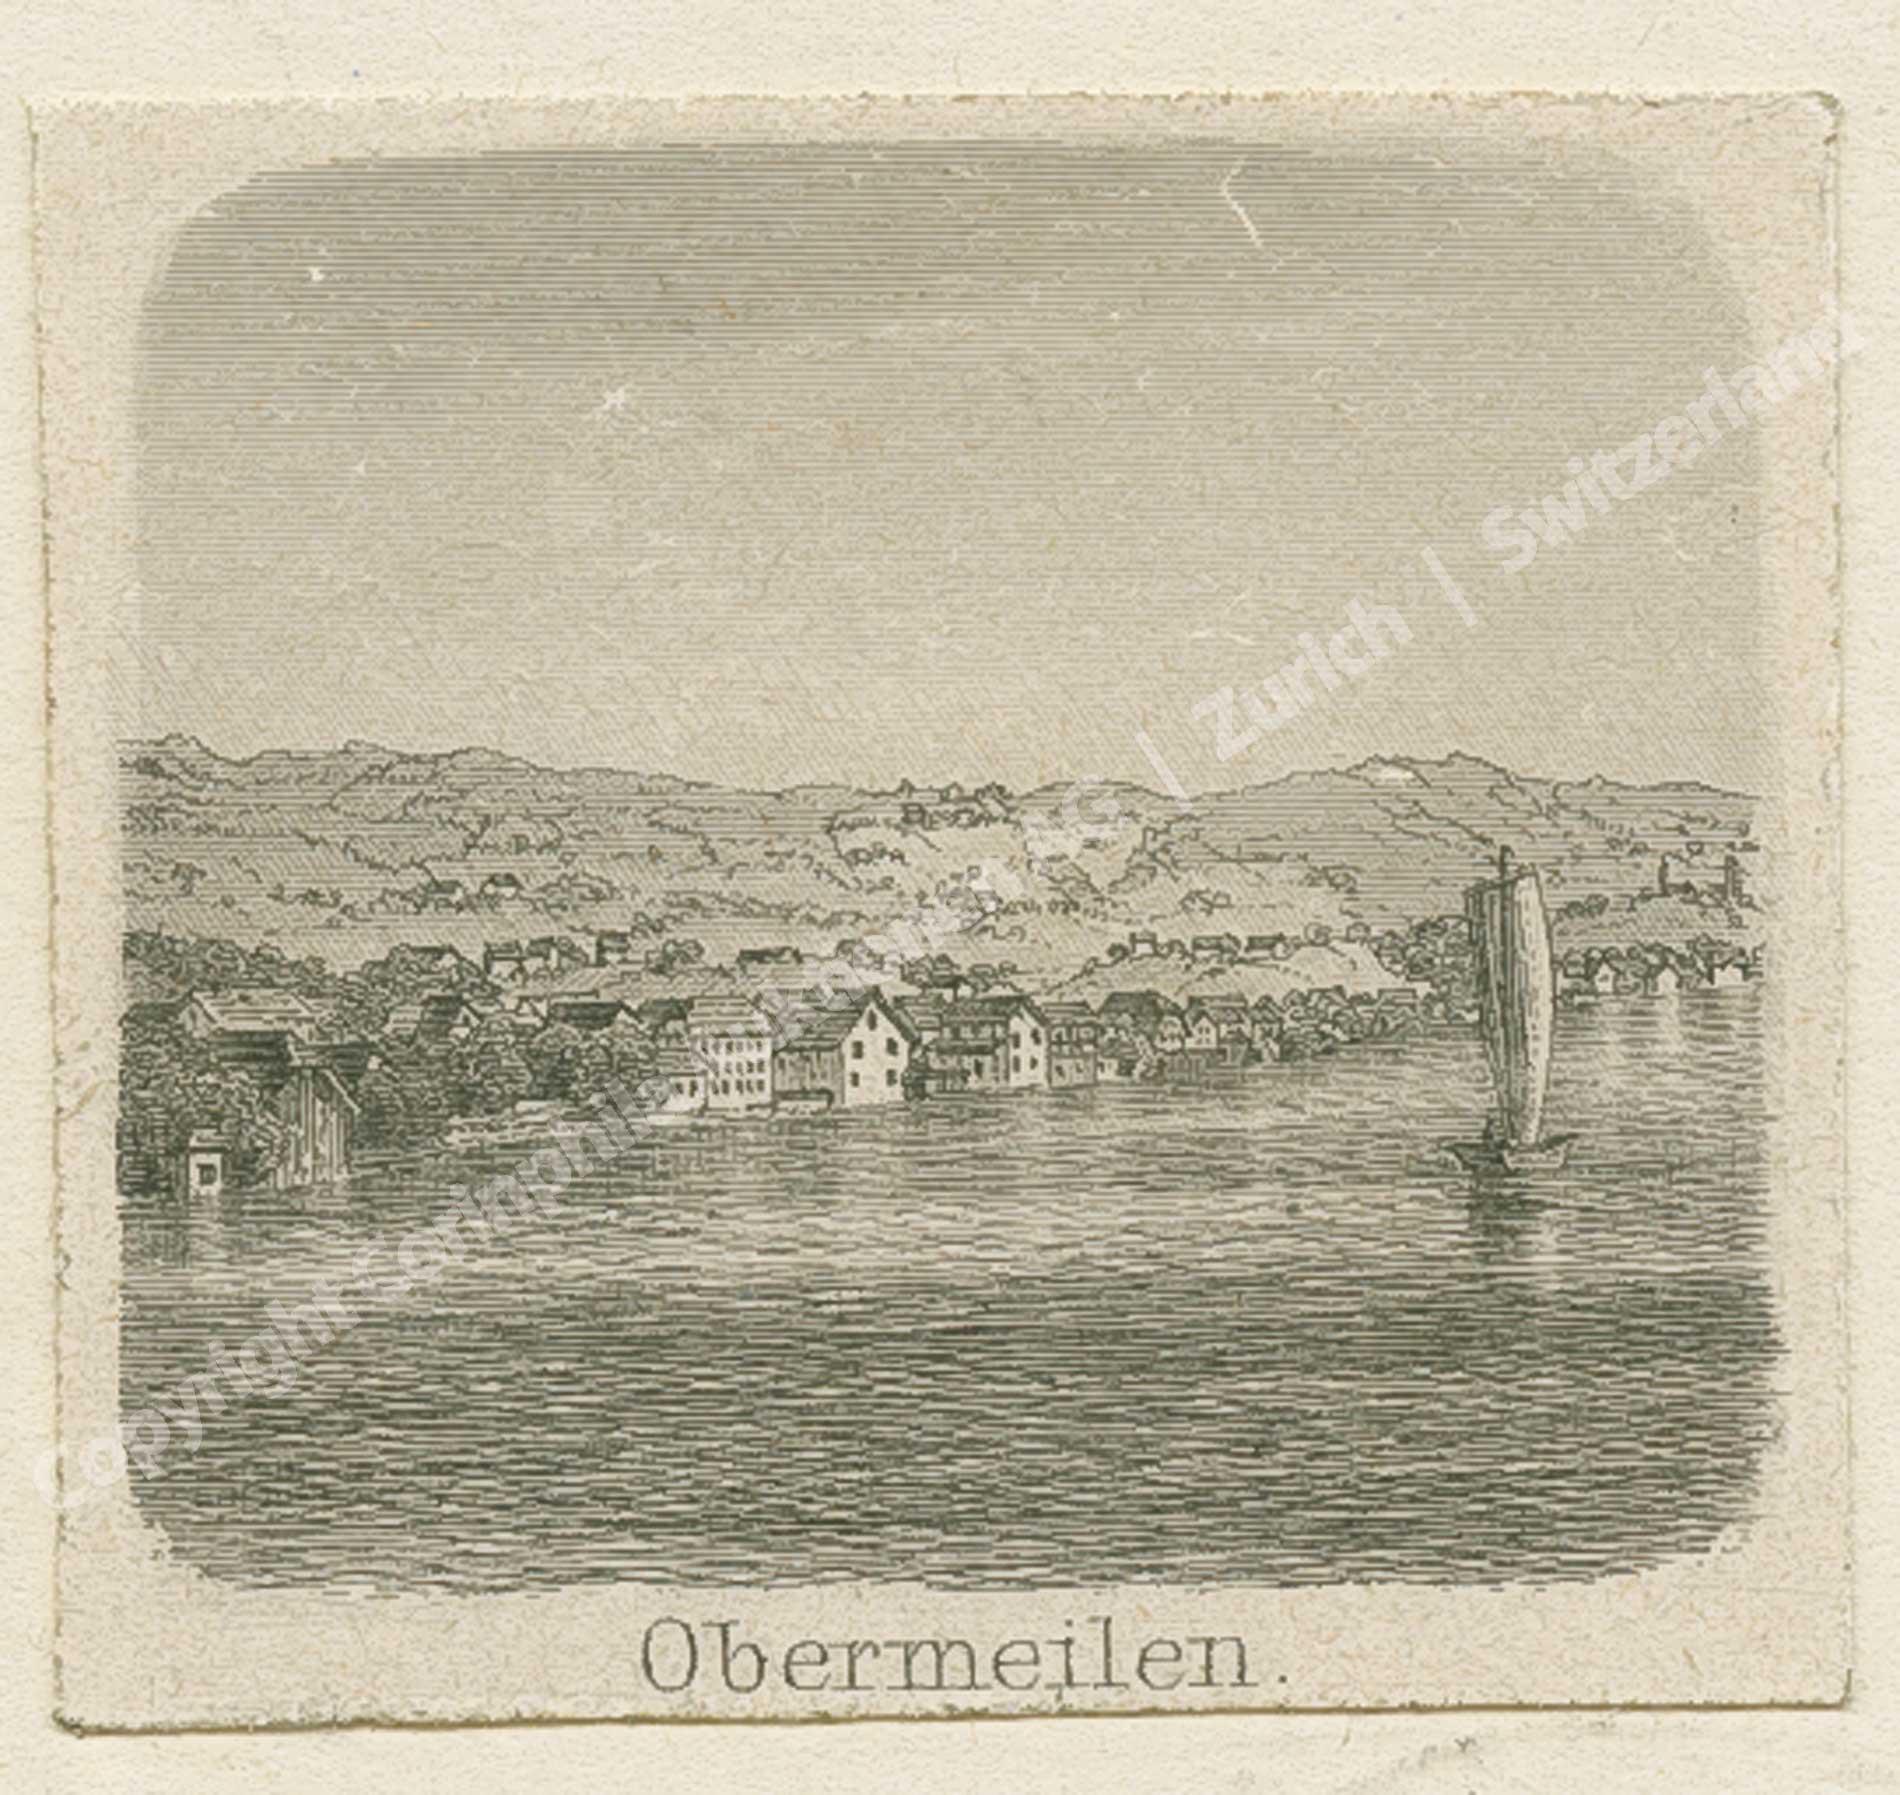 Obermeilen